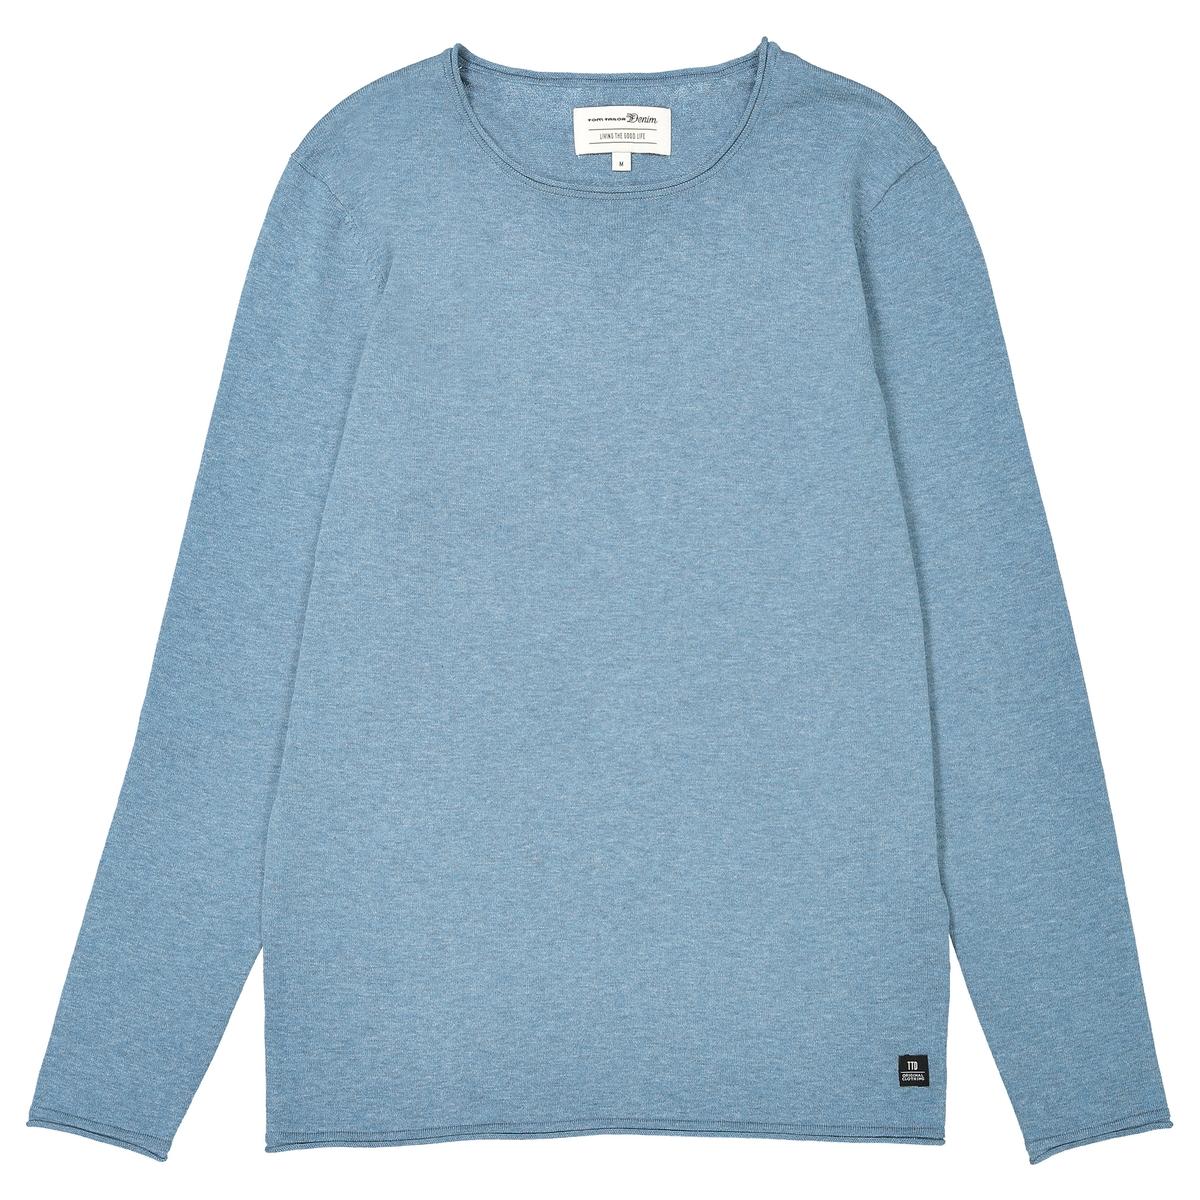 Пуловер с круглым вырезом, из тонкого трикотажаДетали •  Длинные рукава •  Круглый вырез •  Тонкий трикотажСостав и уход •  100% хлопок •  Следуйте рекомендациям по уходу, указанным на этикетке изделия<br><br>Цвет: антрацит,красный/ бордовый,синий меланж,синий морской